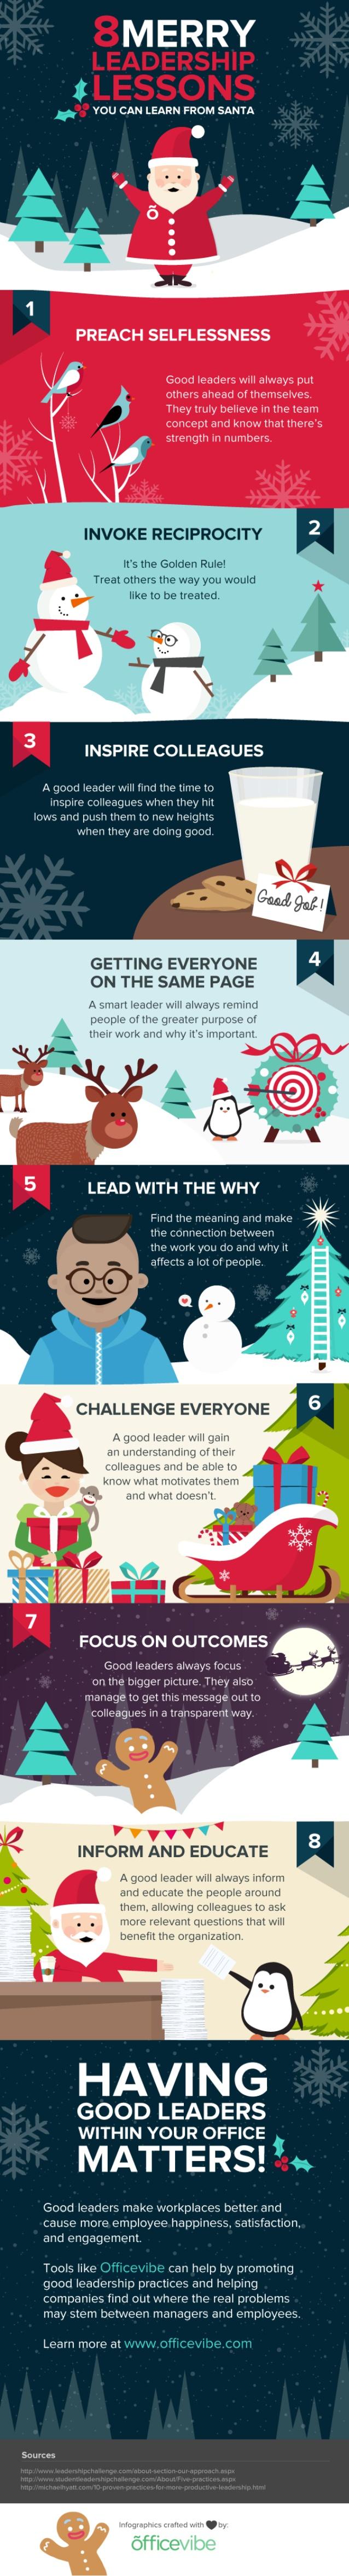 8 lecciones de liderazgo que puedes aprender de Santa Claus